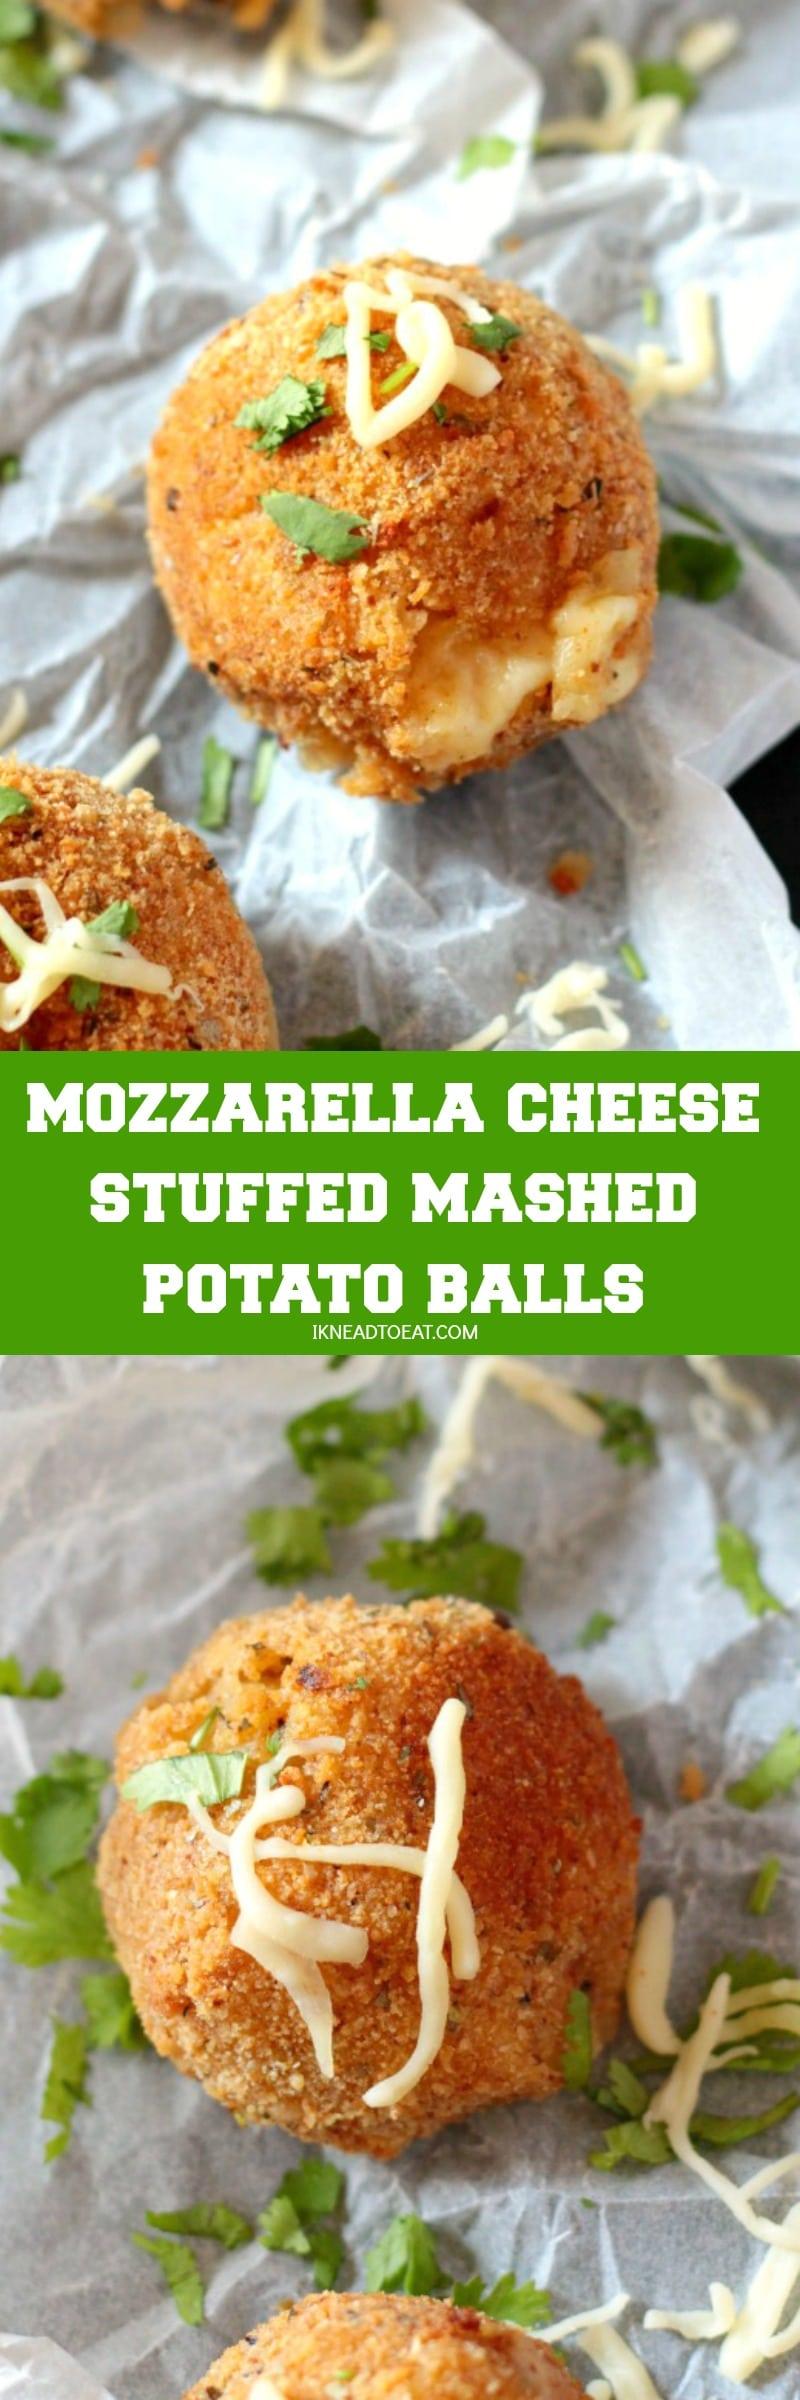 Mozzarella Cheese Stuffed Mashed Potato Balls